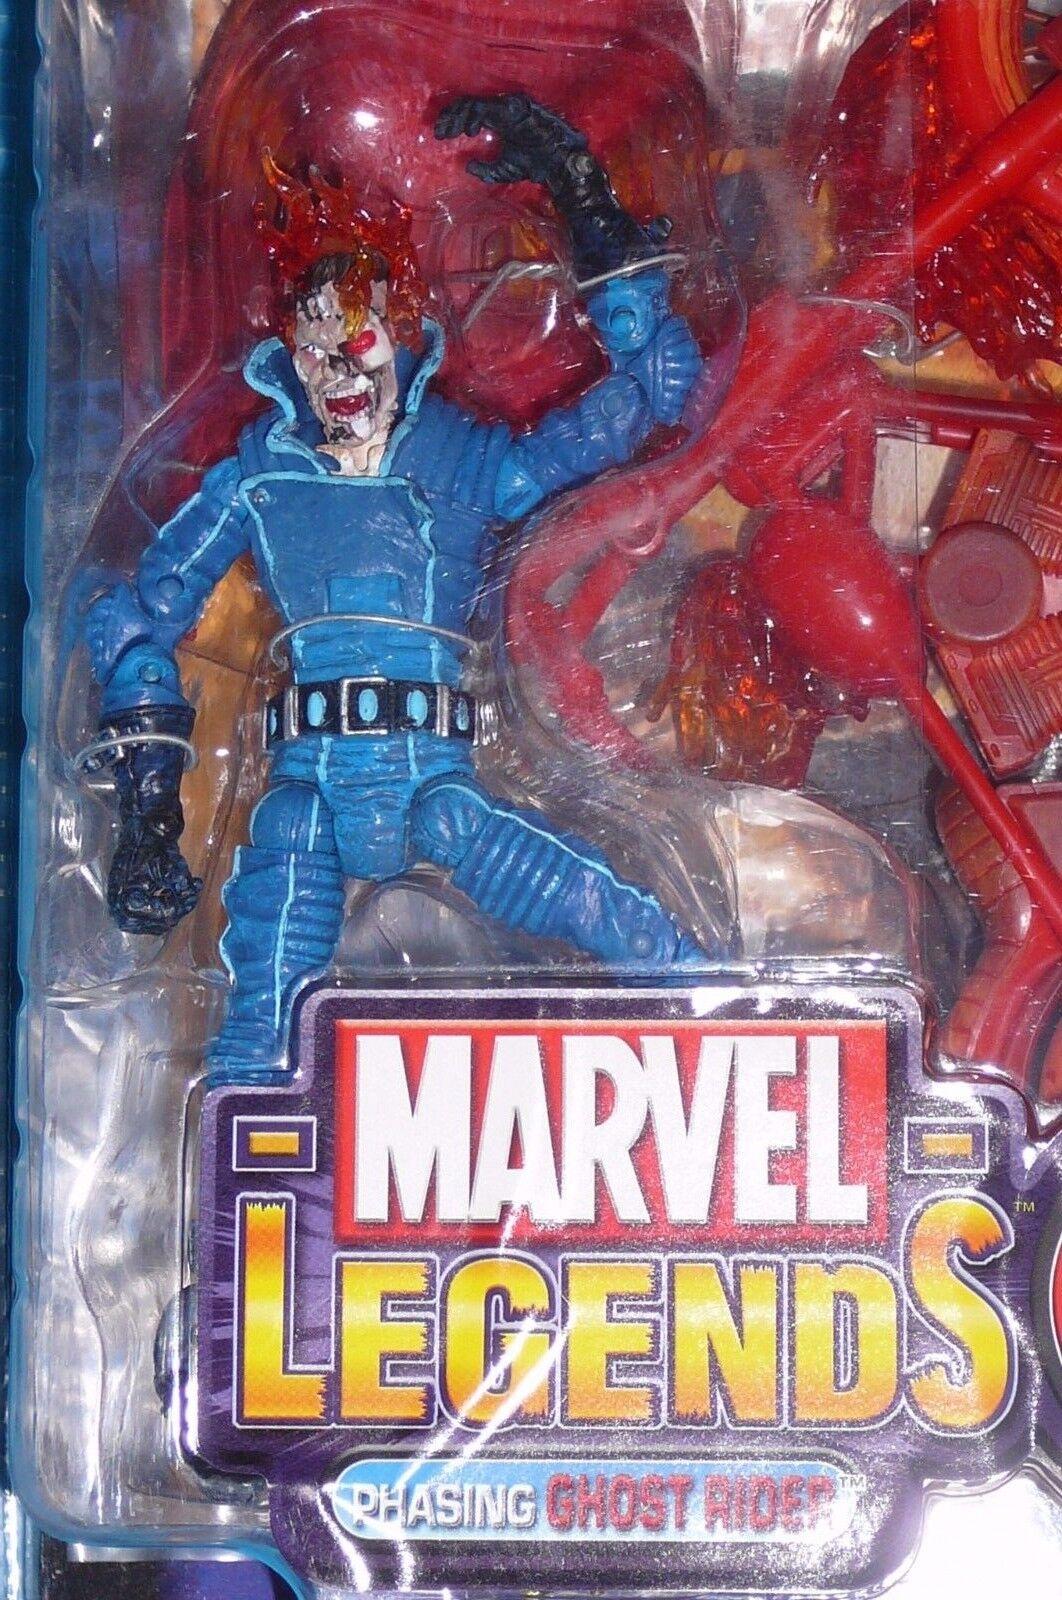 Marvel - legenden und ghost rider - serie vii (7) ghost rider johnny blaze phase